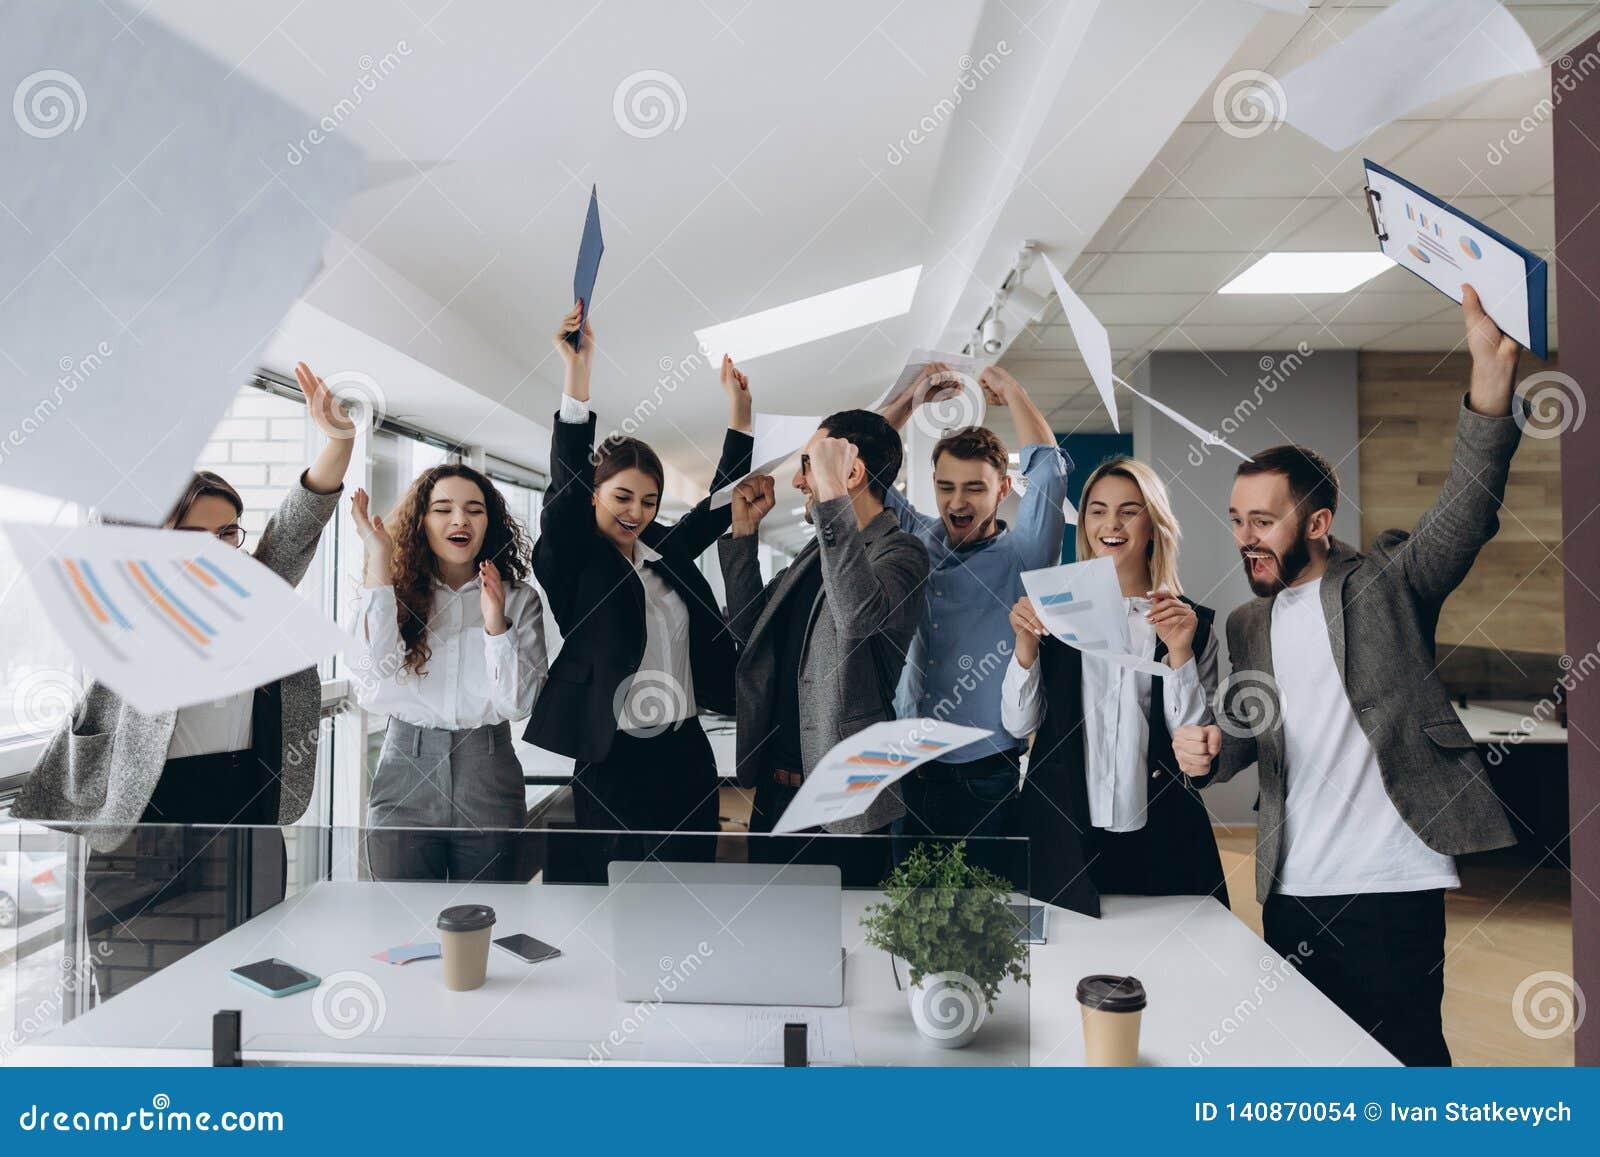 Bild des glücklichen Geschäftsteams, das Sieg im Büro feiert Erfolgreiches Geschäftsteam wirft Blätter Papier im modernen Büro